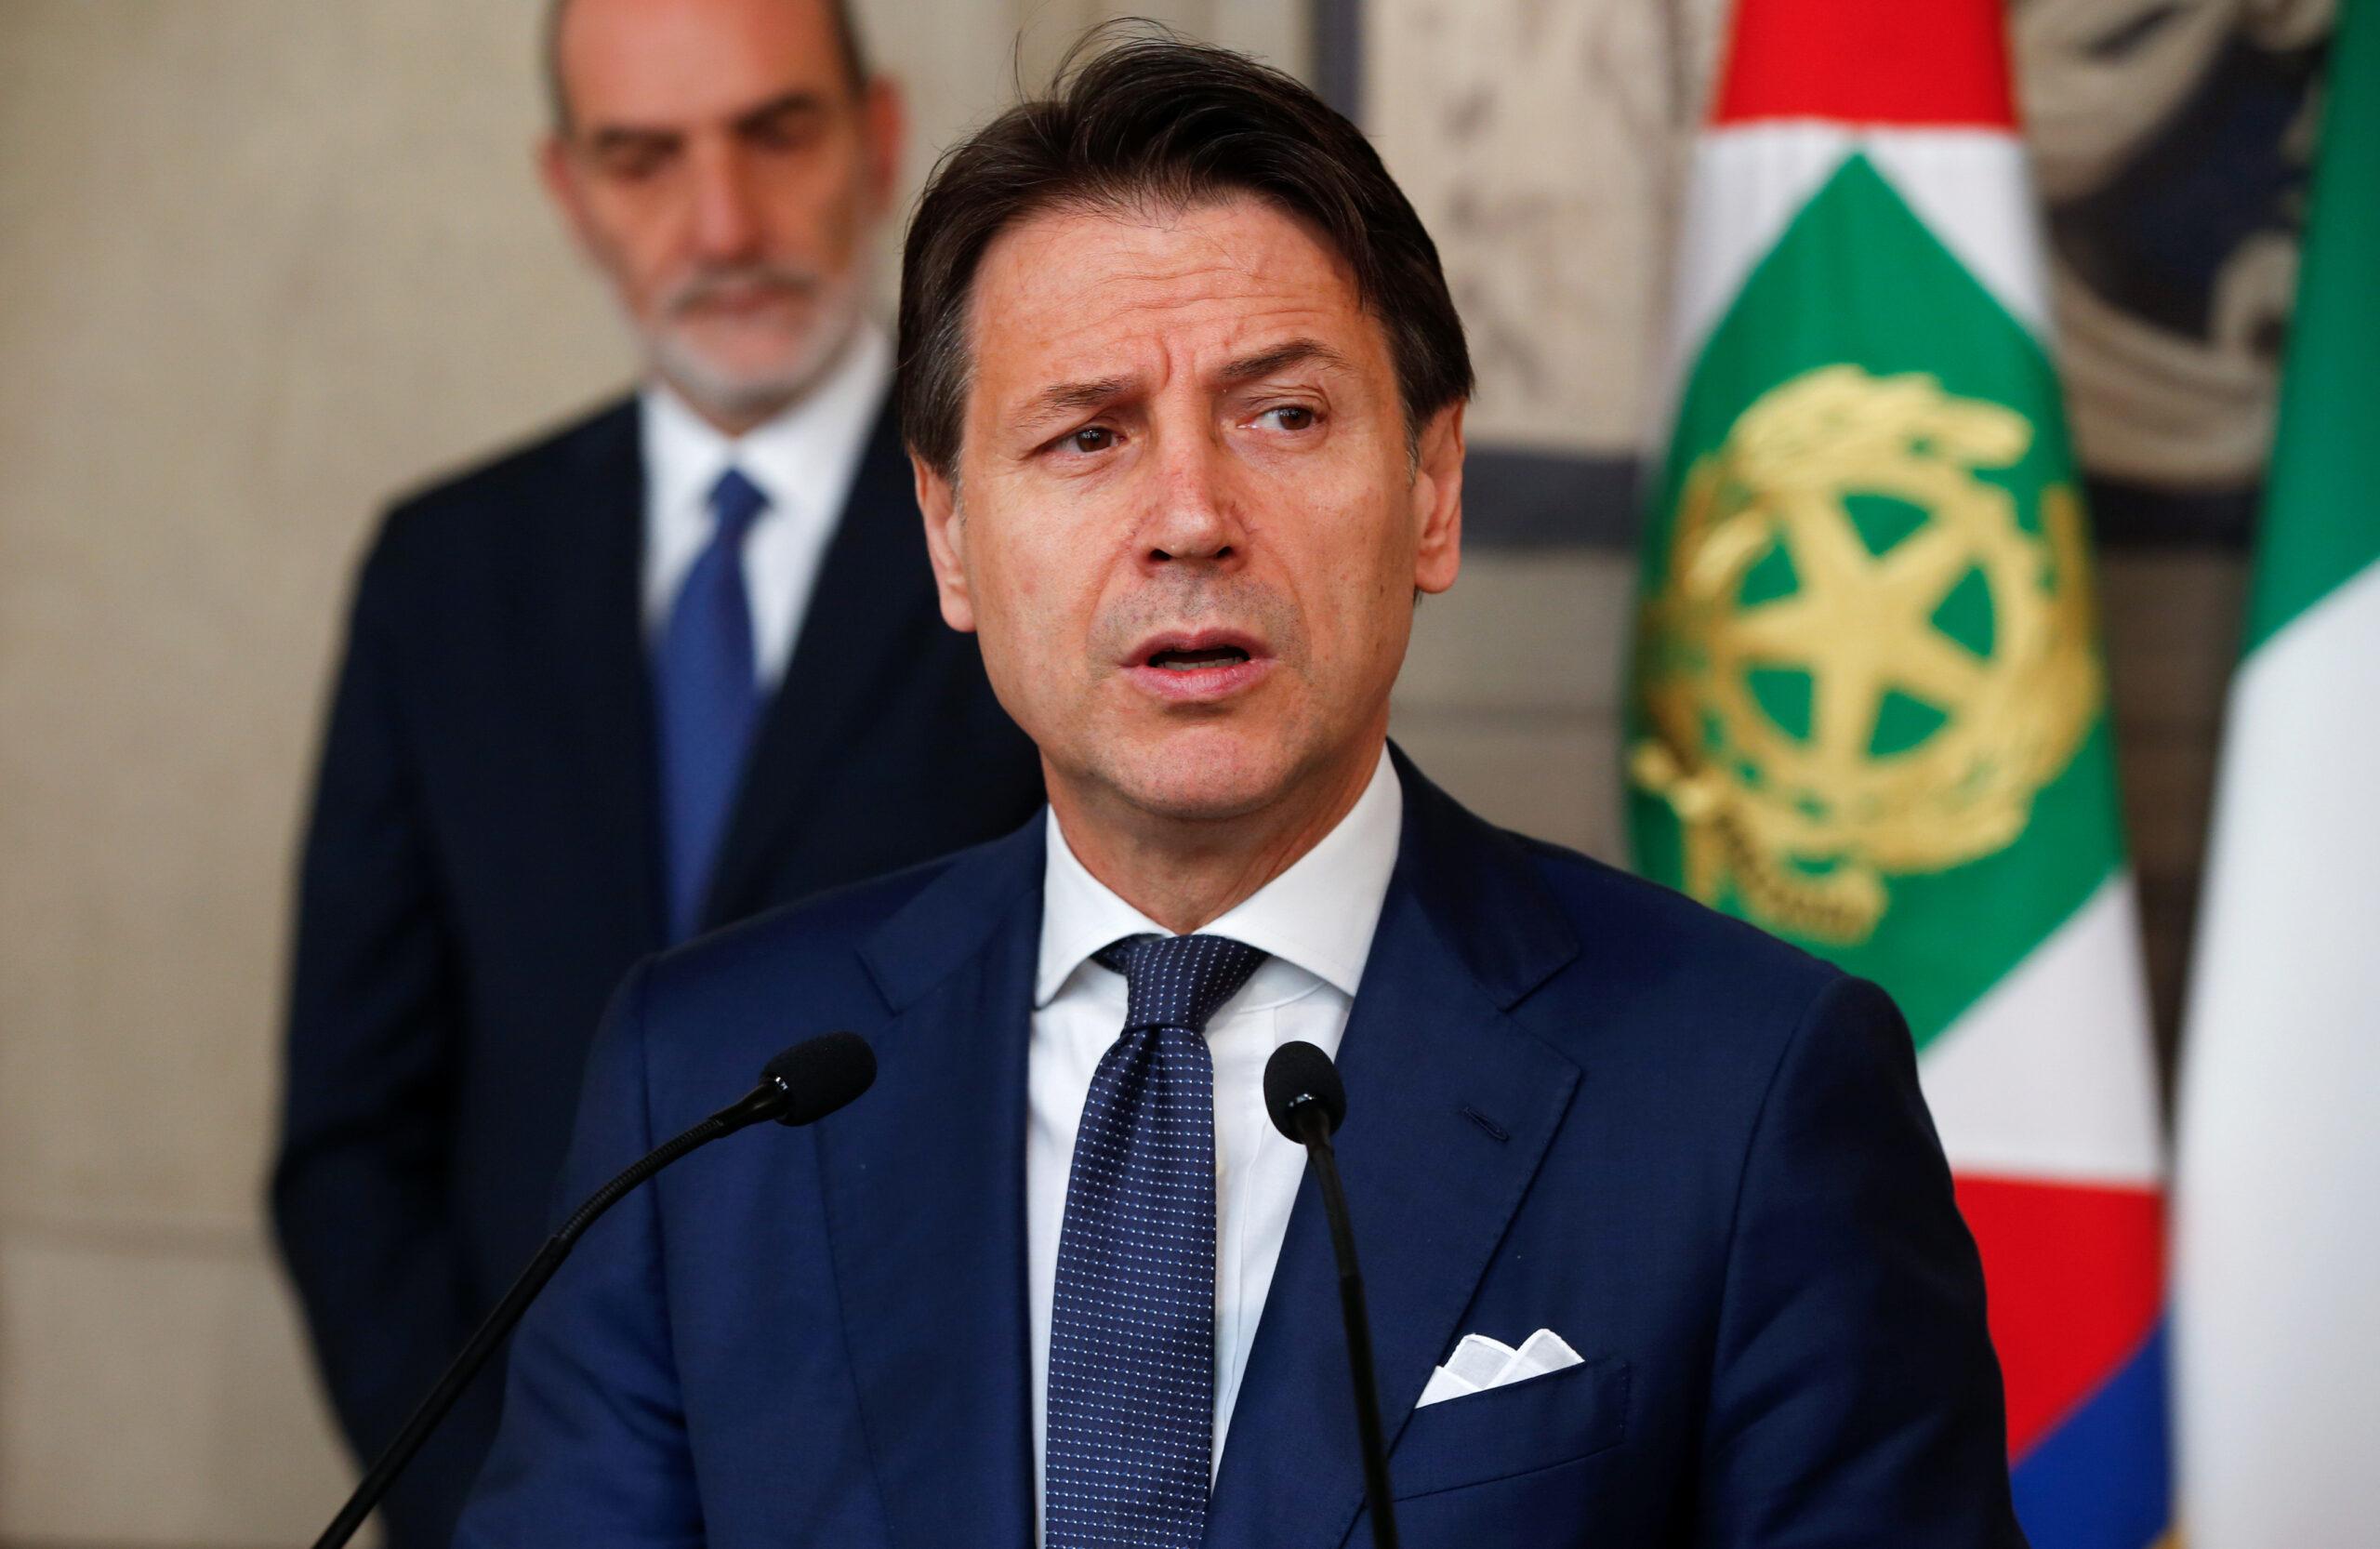 El primer ministre italià Giuseppe Conte parla als mitjans de comunicació al Palau Presidencial del Quirinale | ACN